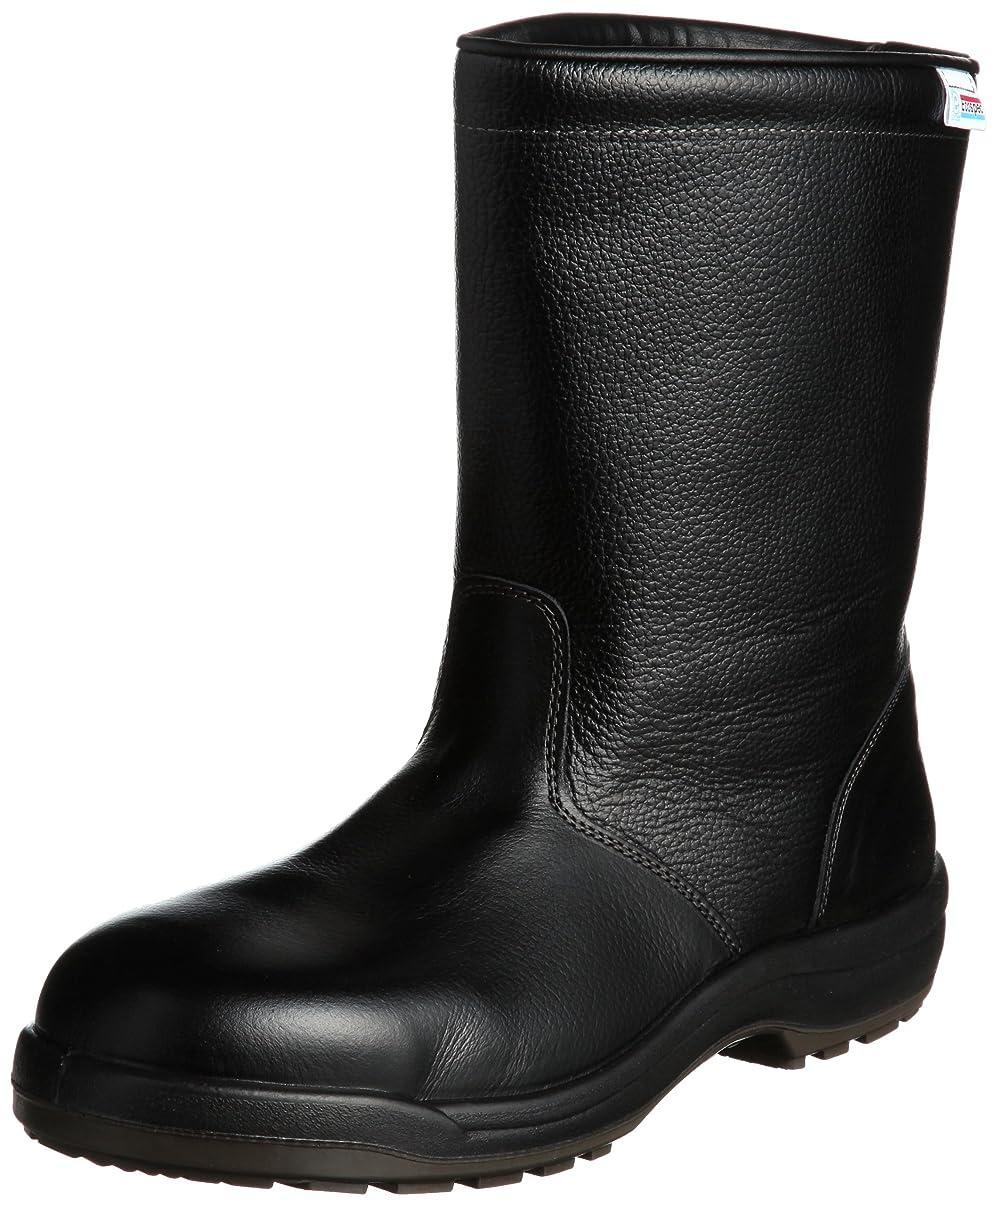 ワイドビームチチカカ湖静電安全靴 JIS規格 エコマーク認定 半長靴 エコスペック ES240eco 静電 メンズ